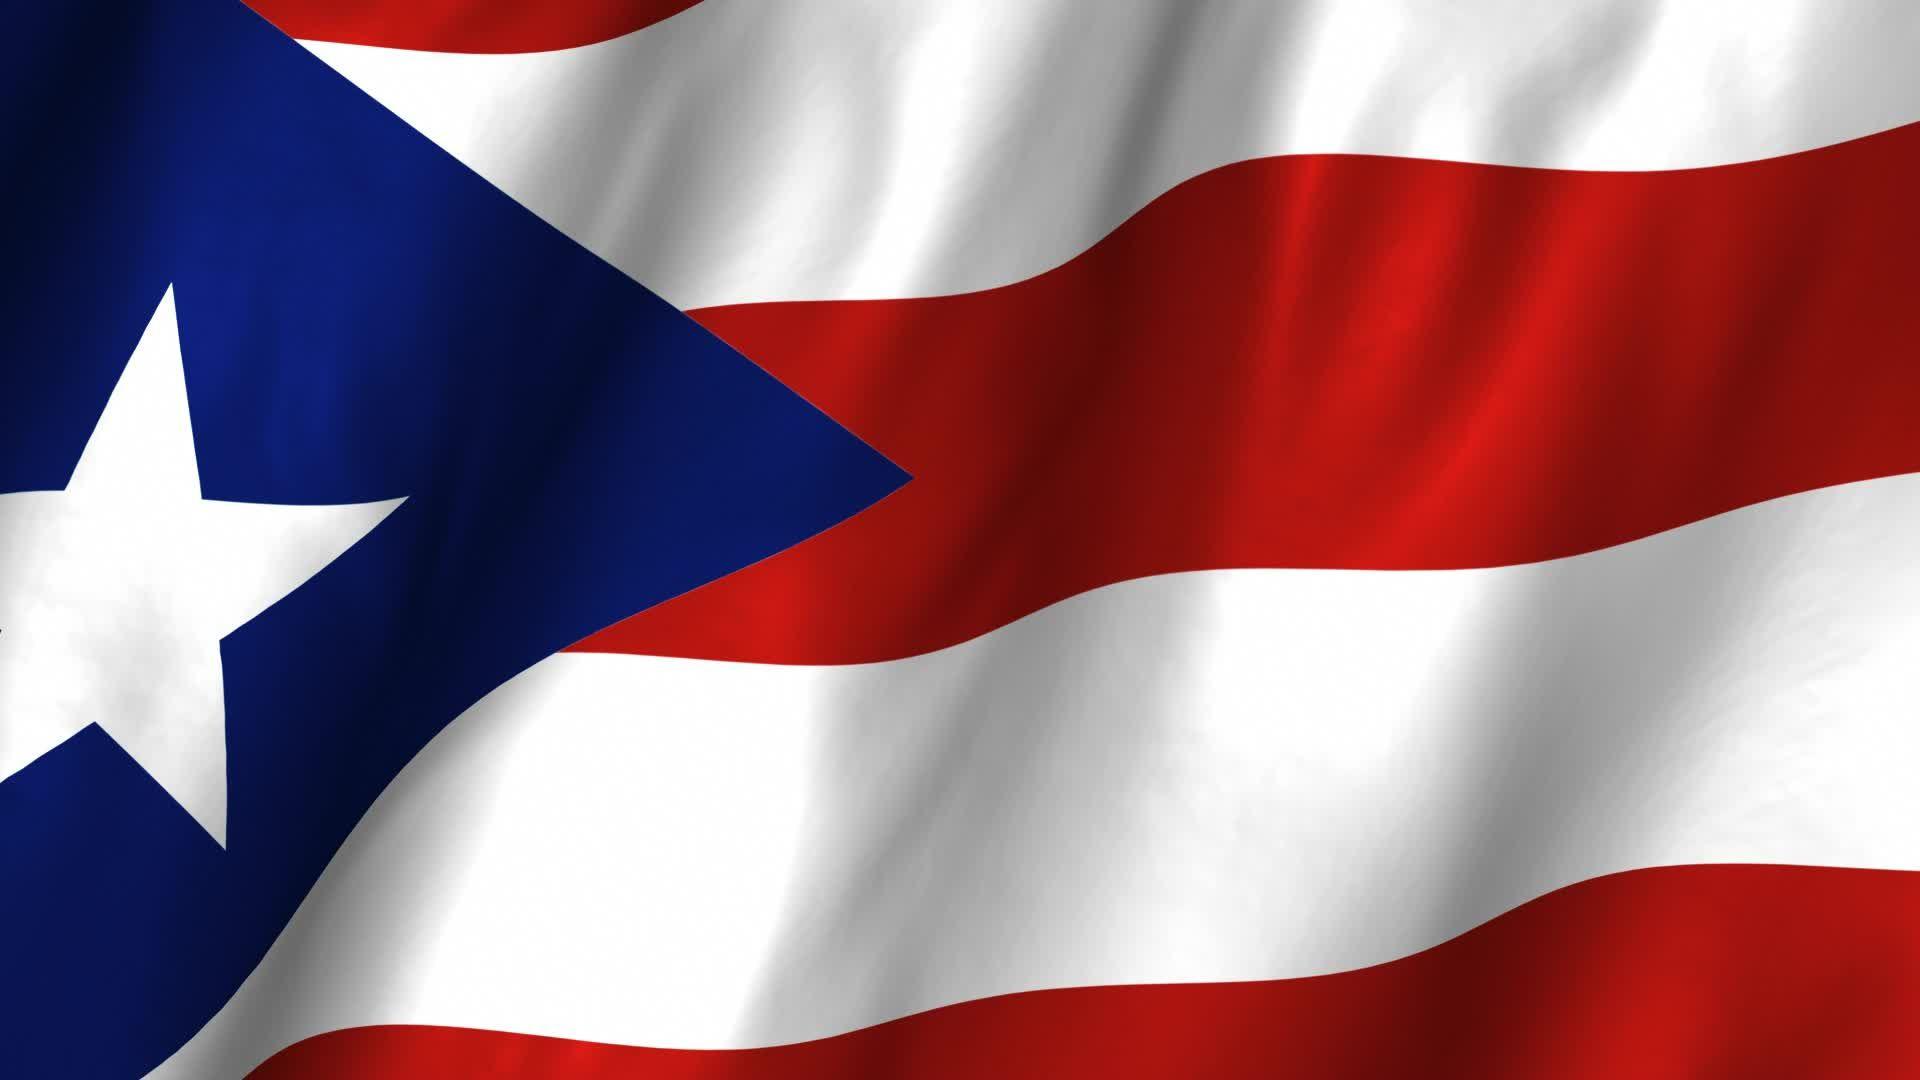 Pin By Luis Cuebas On Puerto Rico Puerto Rican Flag Puerto Rico Flag Puerto Rico